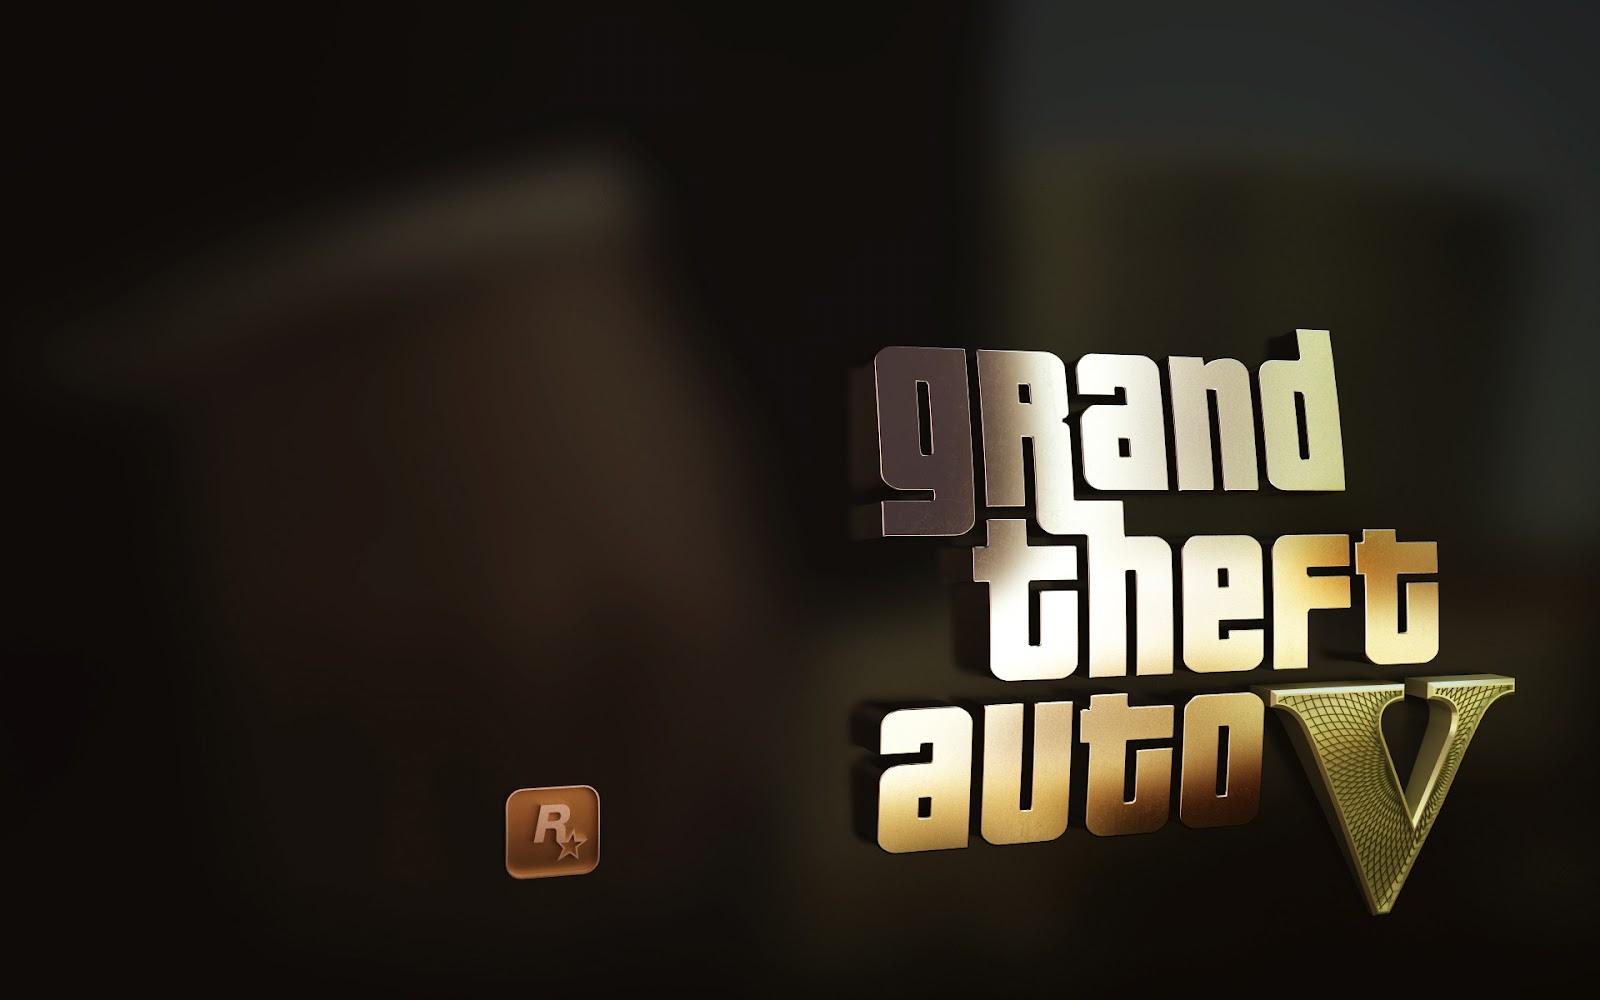 http://1.bp.blogspot.com/-dWVitEmPAPs/T_KwmXQzWPI/AAAAAAAACcI/6wubmHsGKMc/s1600/Grand_Theft_Auto_V_3D_Logo_Text_HD_Wallpaper-GameWallBase.Com.jpg